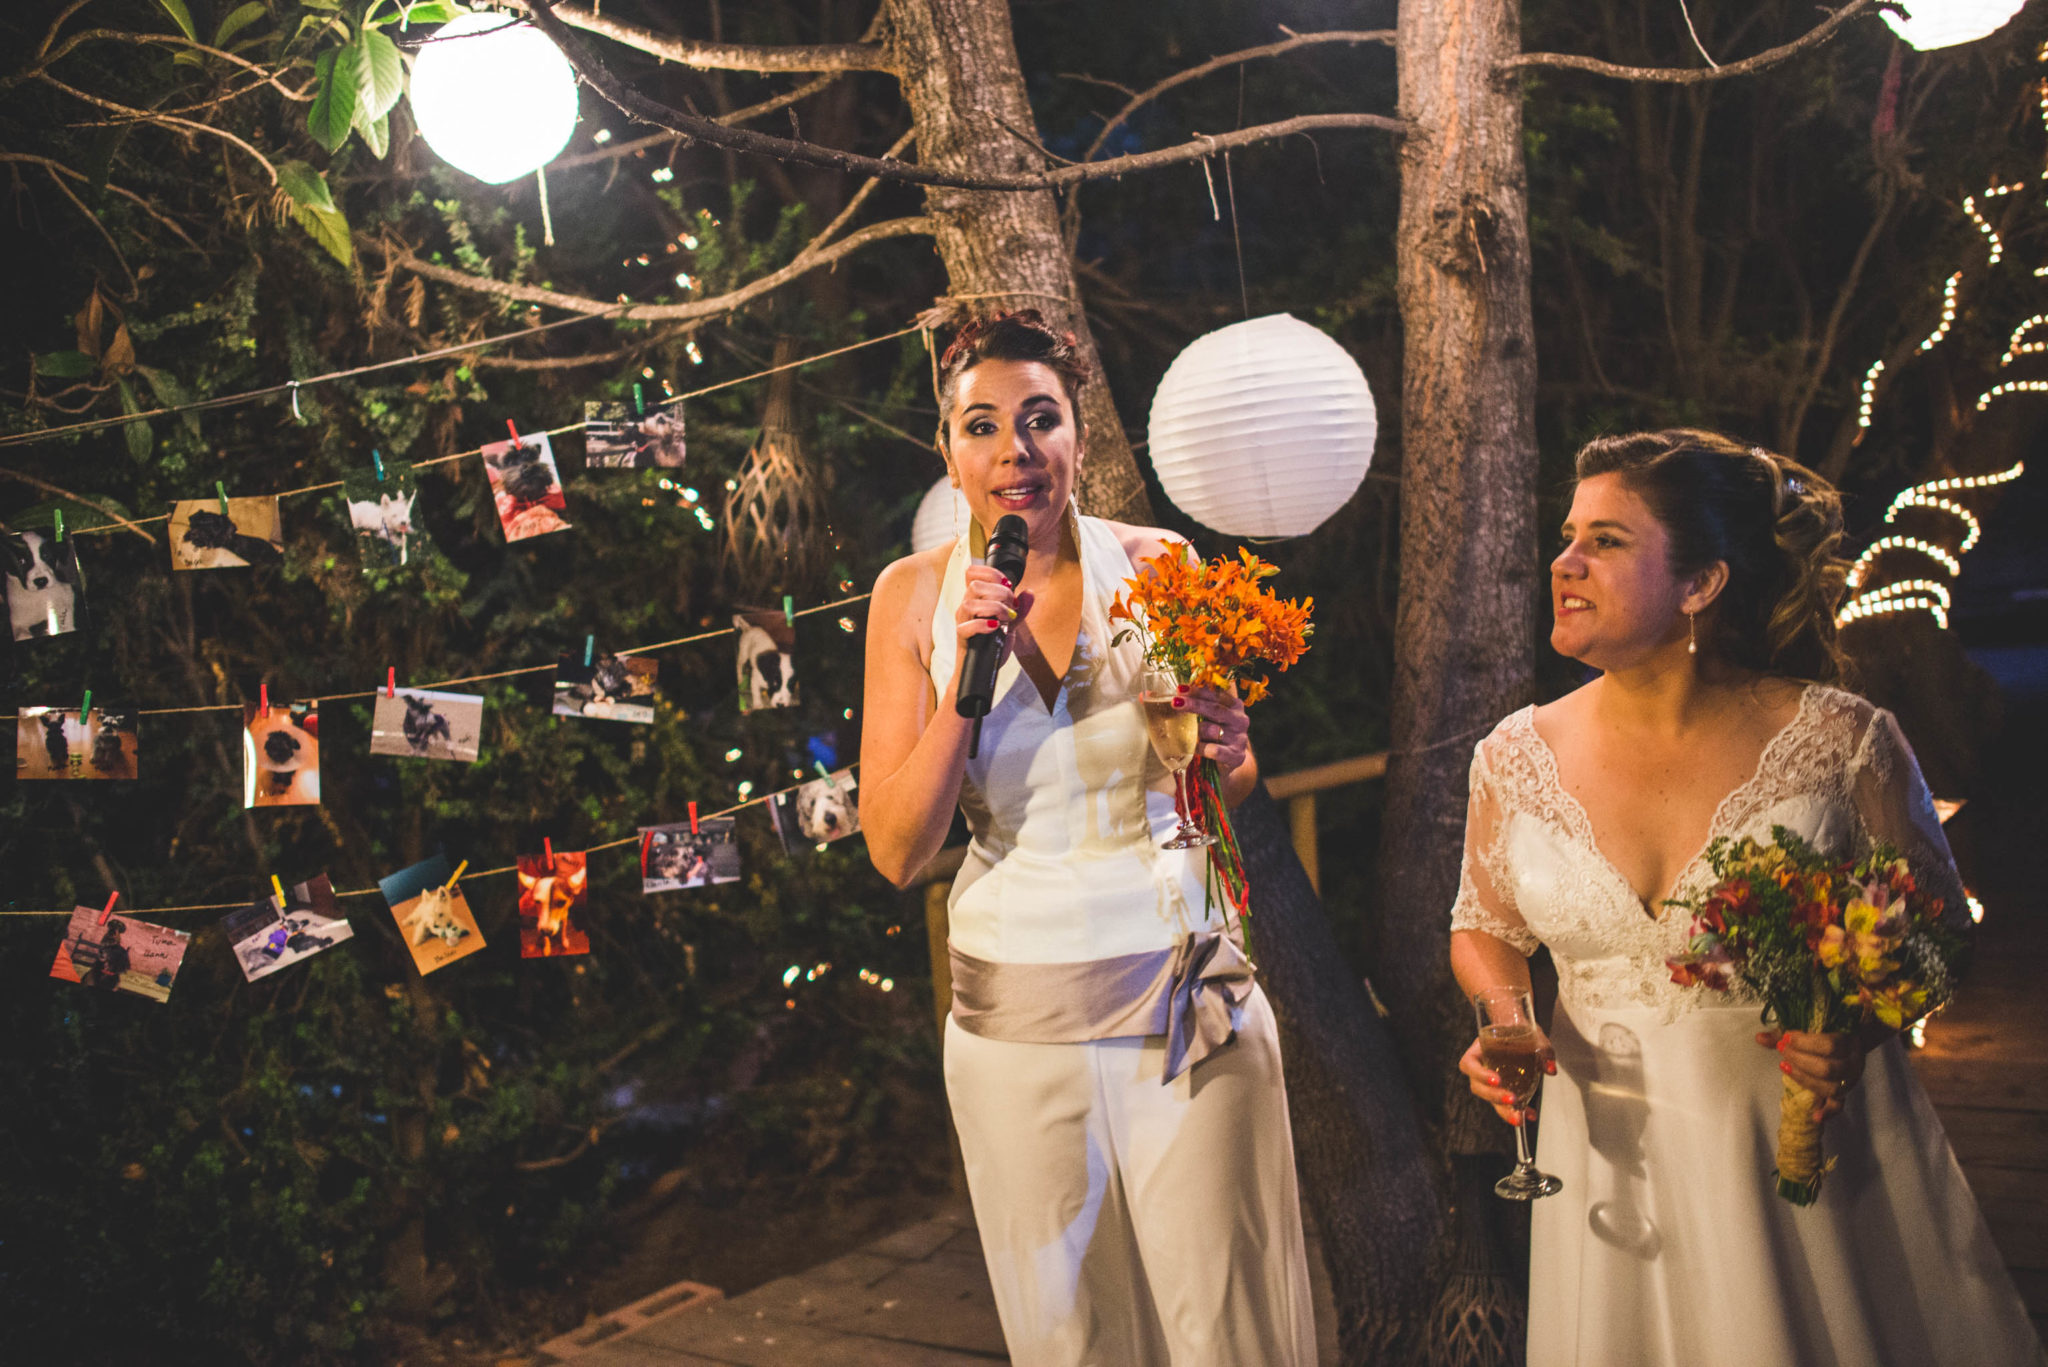 matrimonio igualitario-union civil-ko eventos-fotografo de matrimonios- matrimonio cajon del maipo